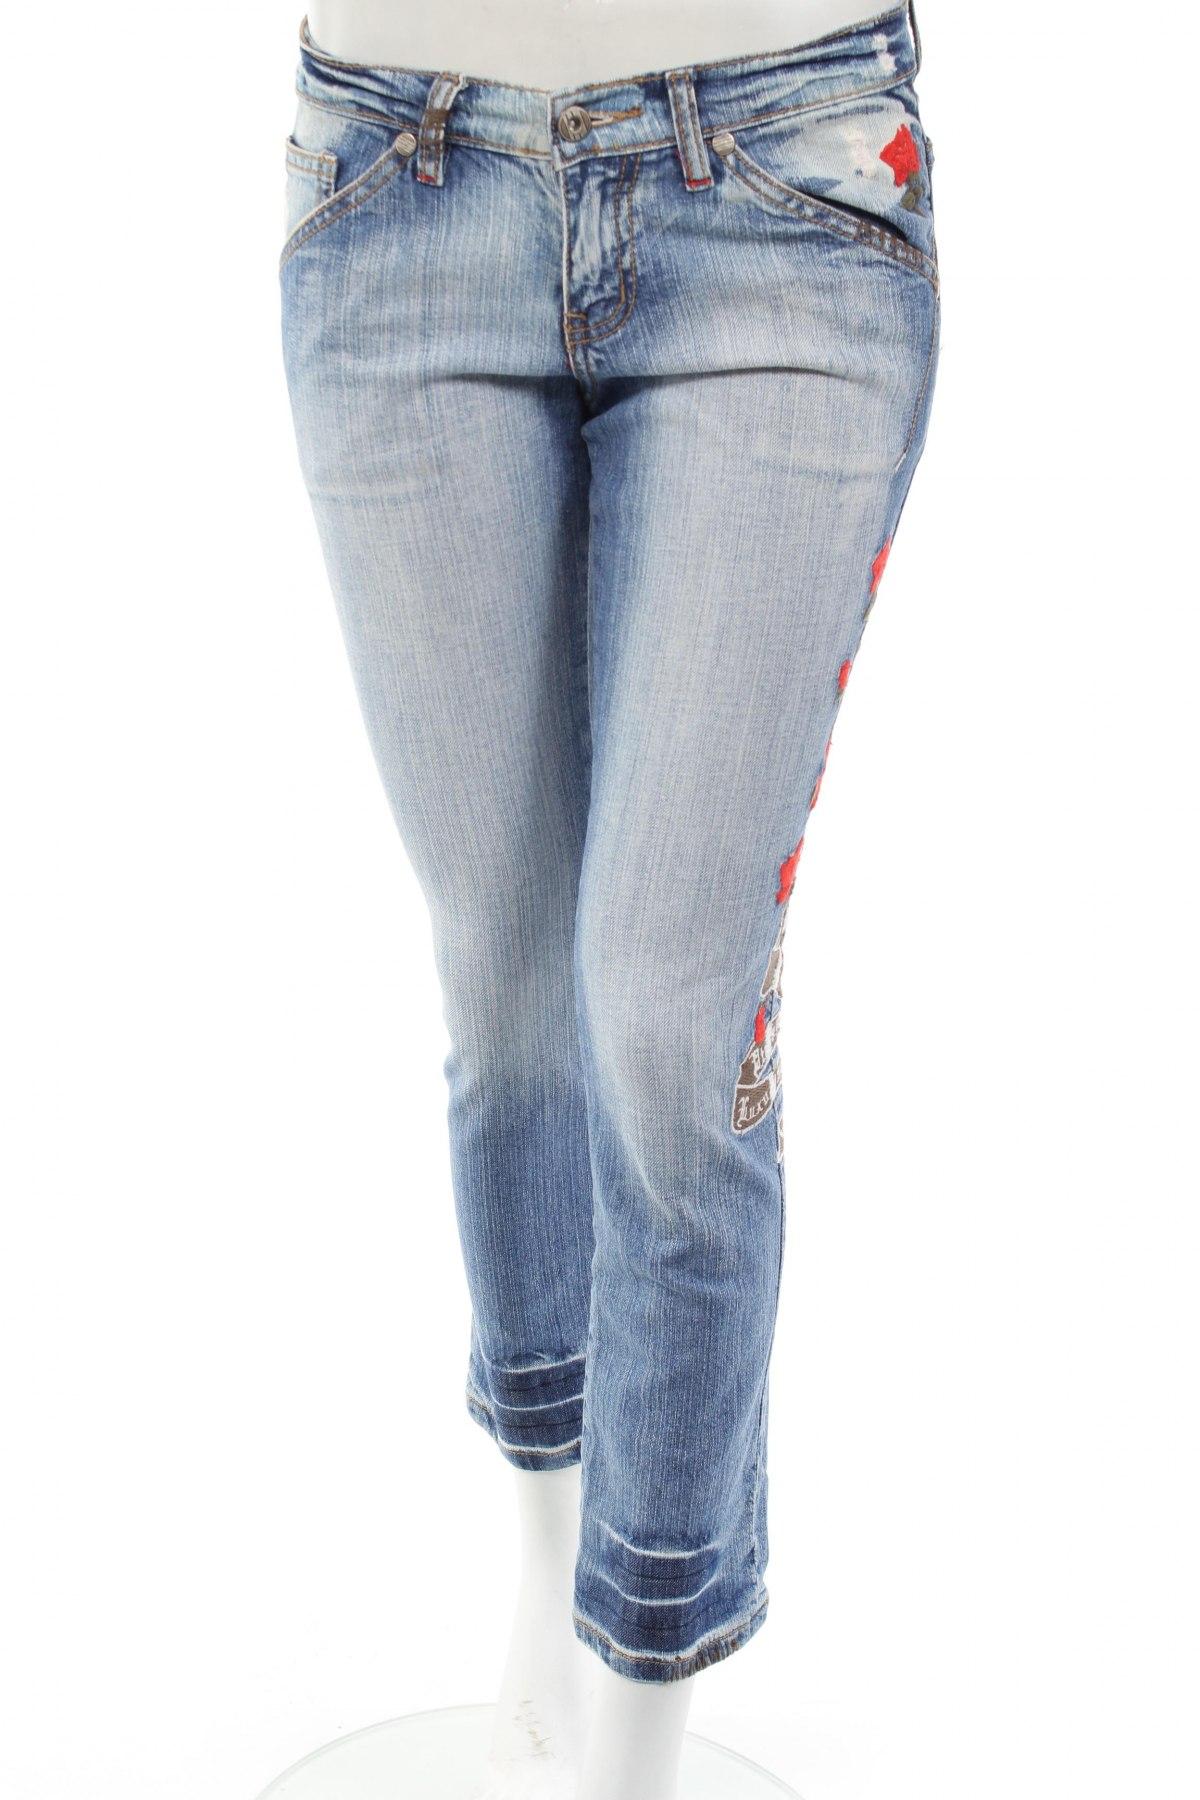 Dámske džínsy  Authentic Style